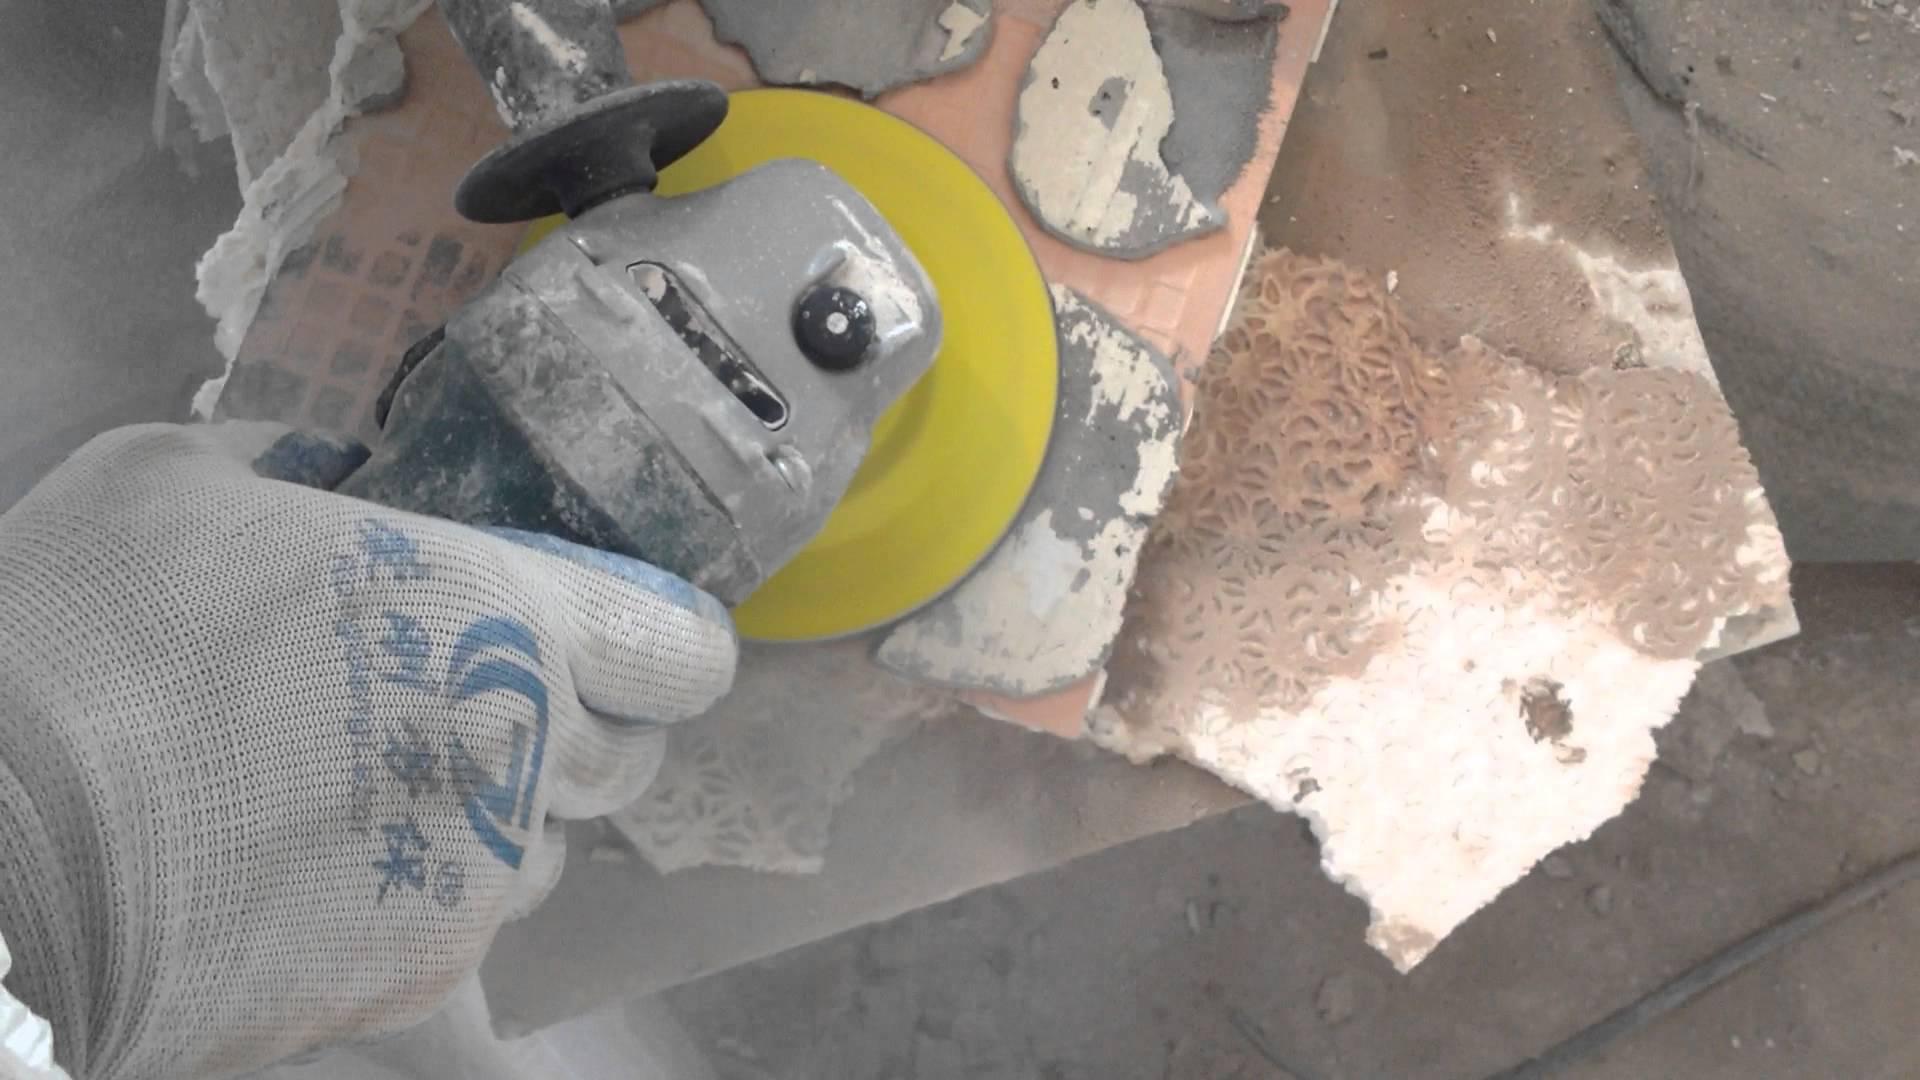 Чем очистить цементный раствор с плитки купить глубинный вибратор для бетона дешево